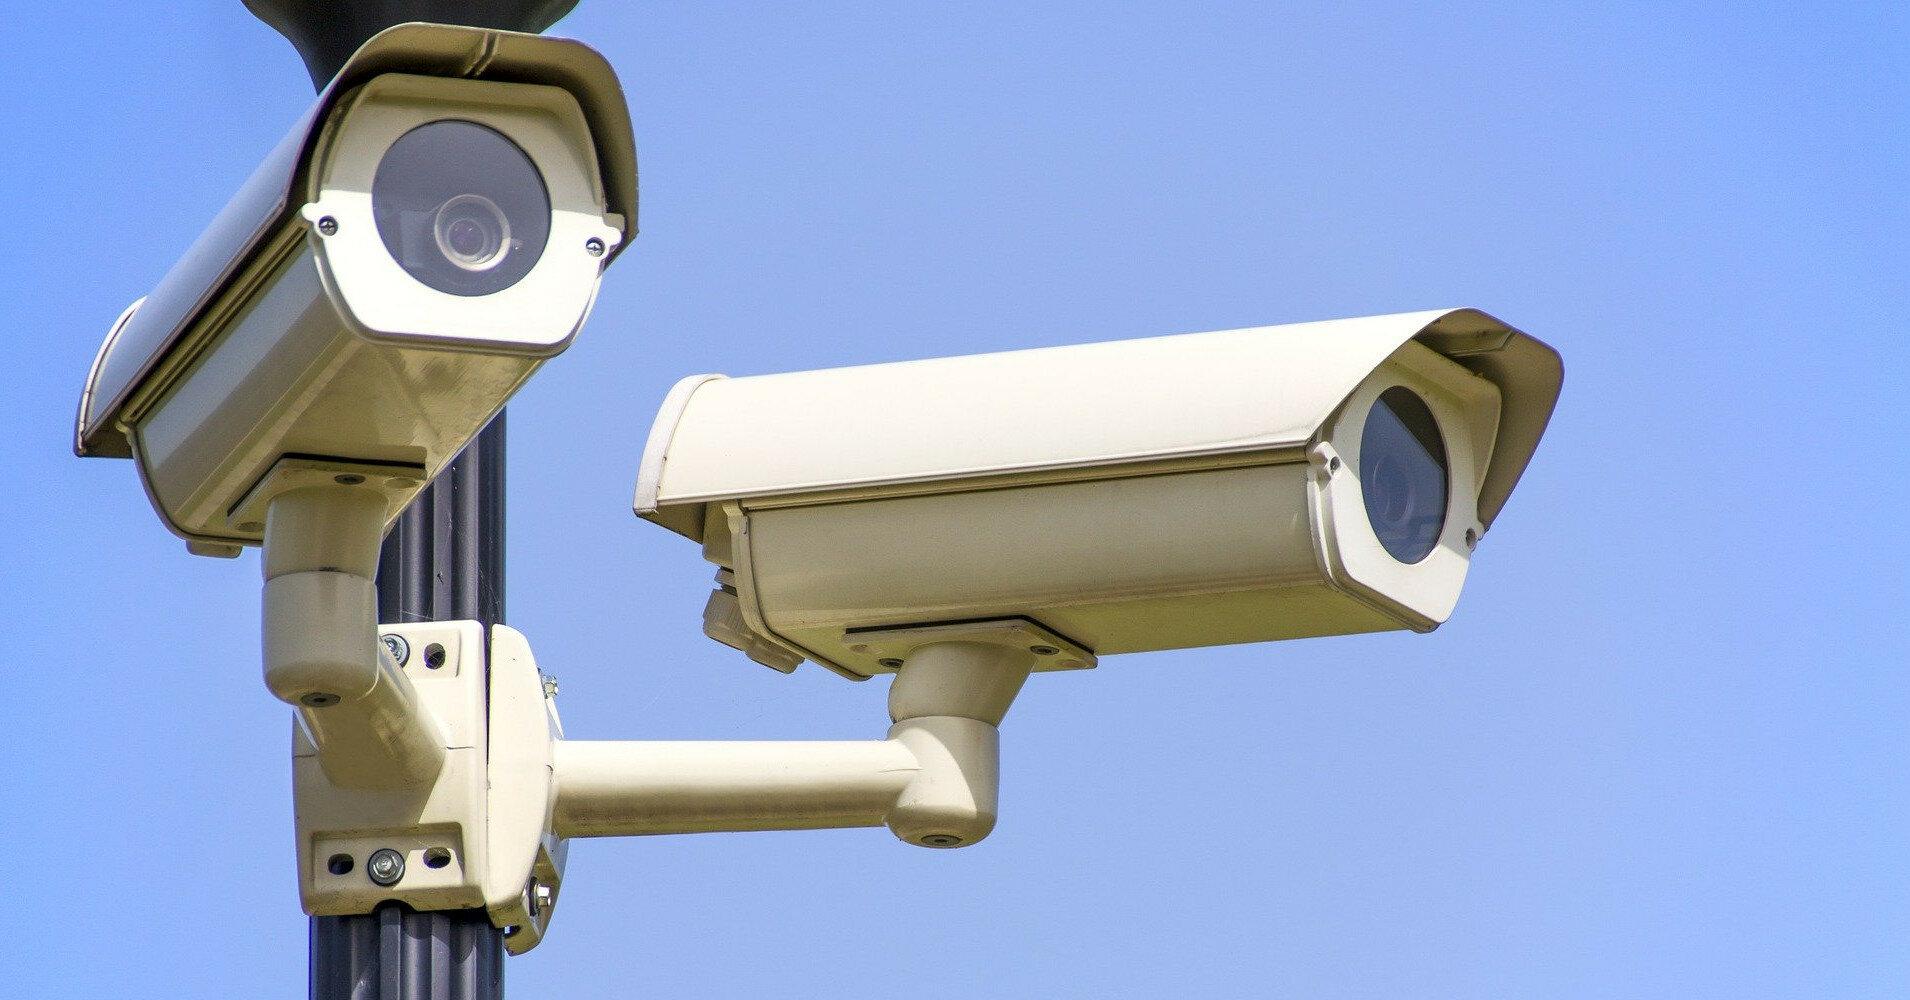 МВД установило новые камеры автофиксации скорости на дорогах